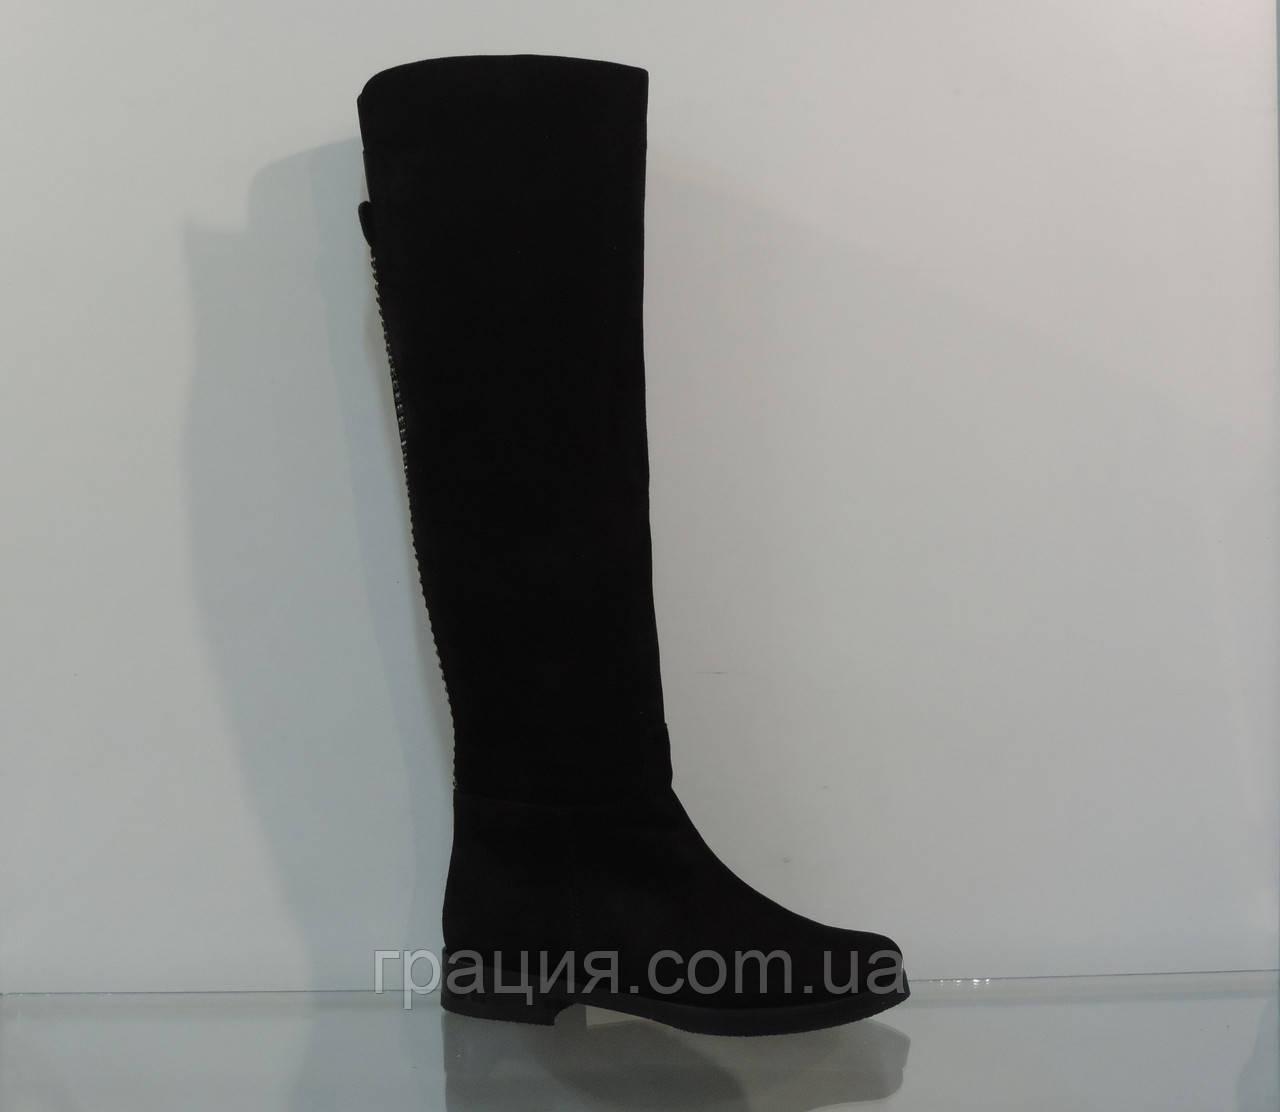 Модні жіночі замшеві зимові чобітки на маленькому підборах